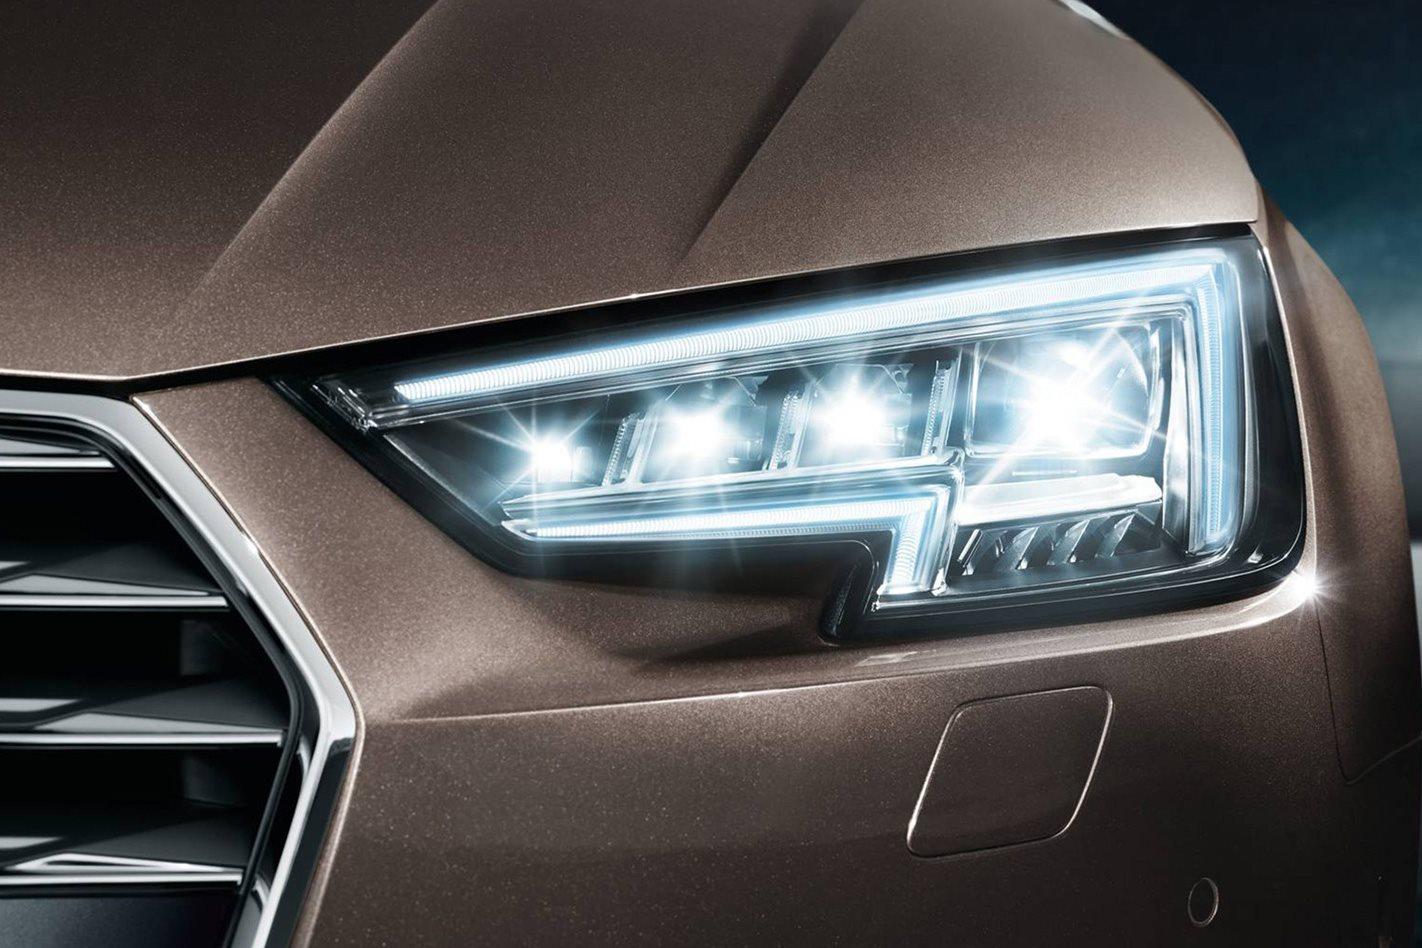 Audi-Matrix-LED-Headlights